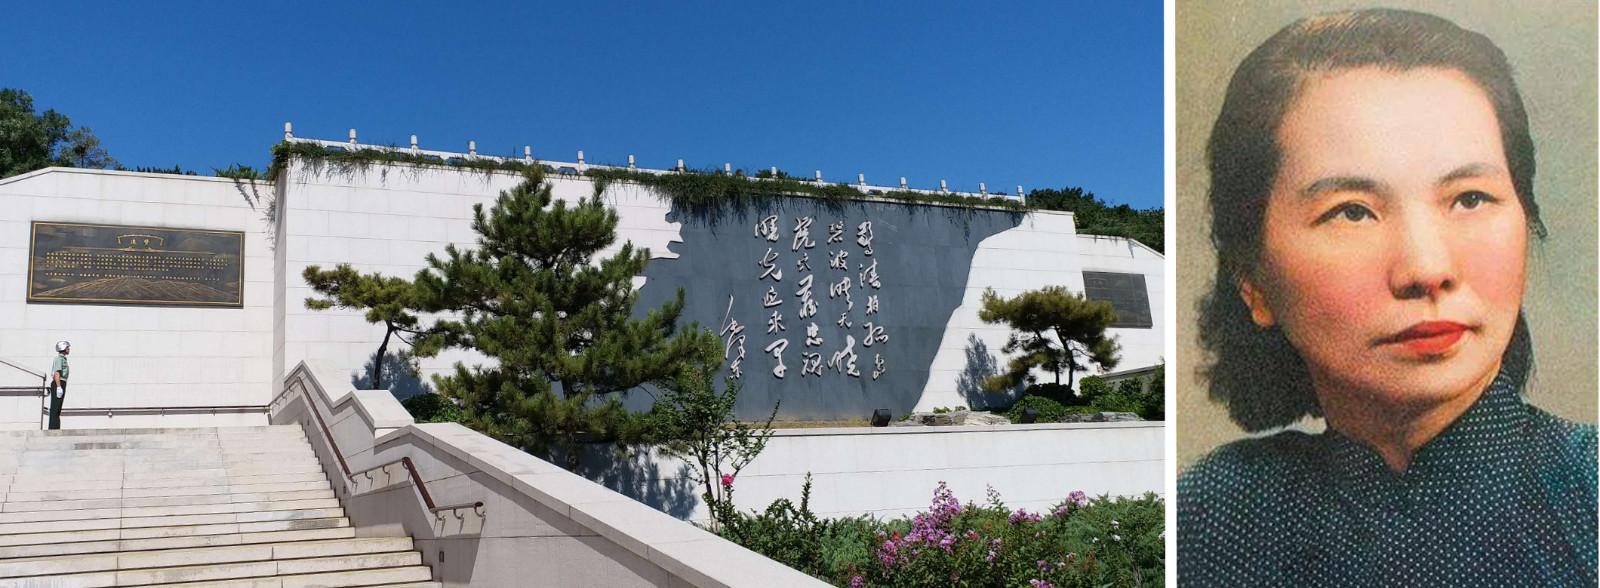 左圖:北京西山無名英雄紀念廣場入口,刻有毛澤東詩。右圖:1950年的朱楓。